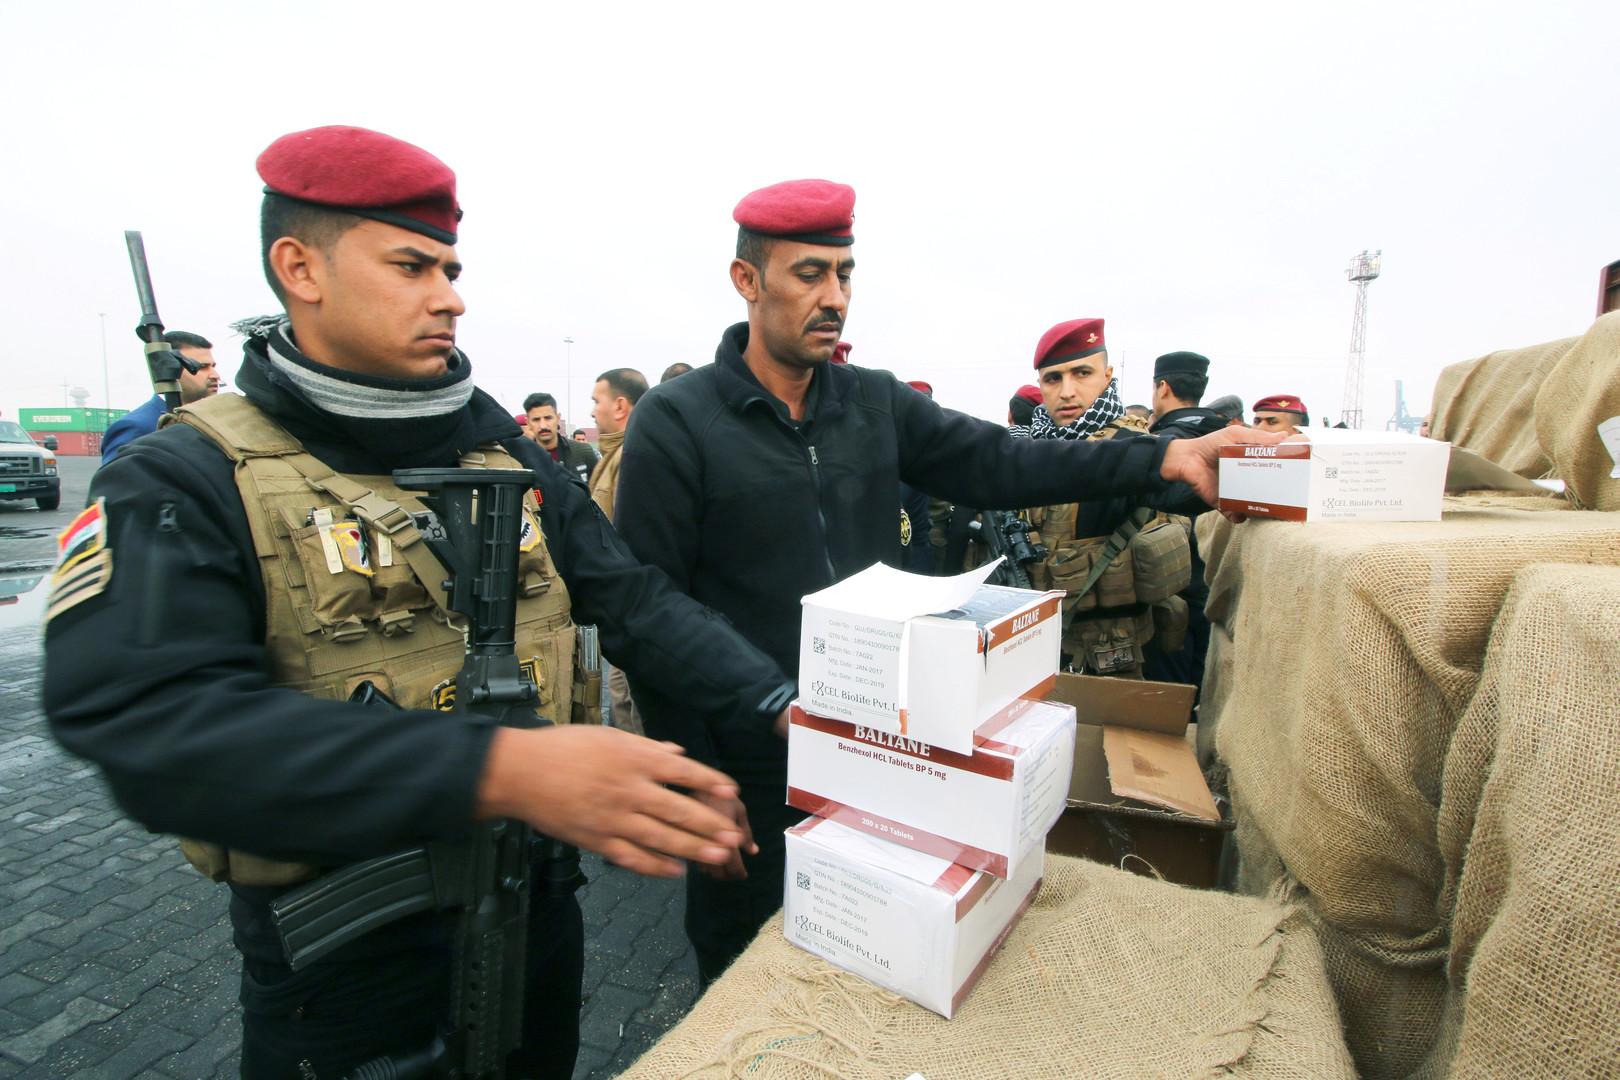 ابتكار أسلوب إجرامي لتهريب المخدرات بين العراق وإيران